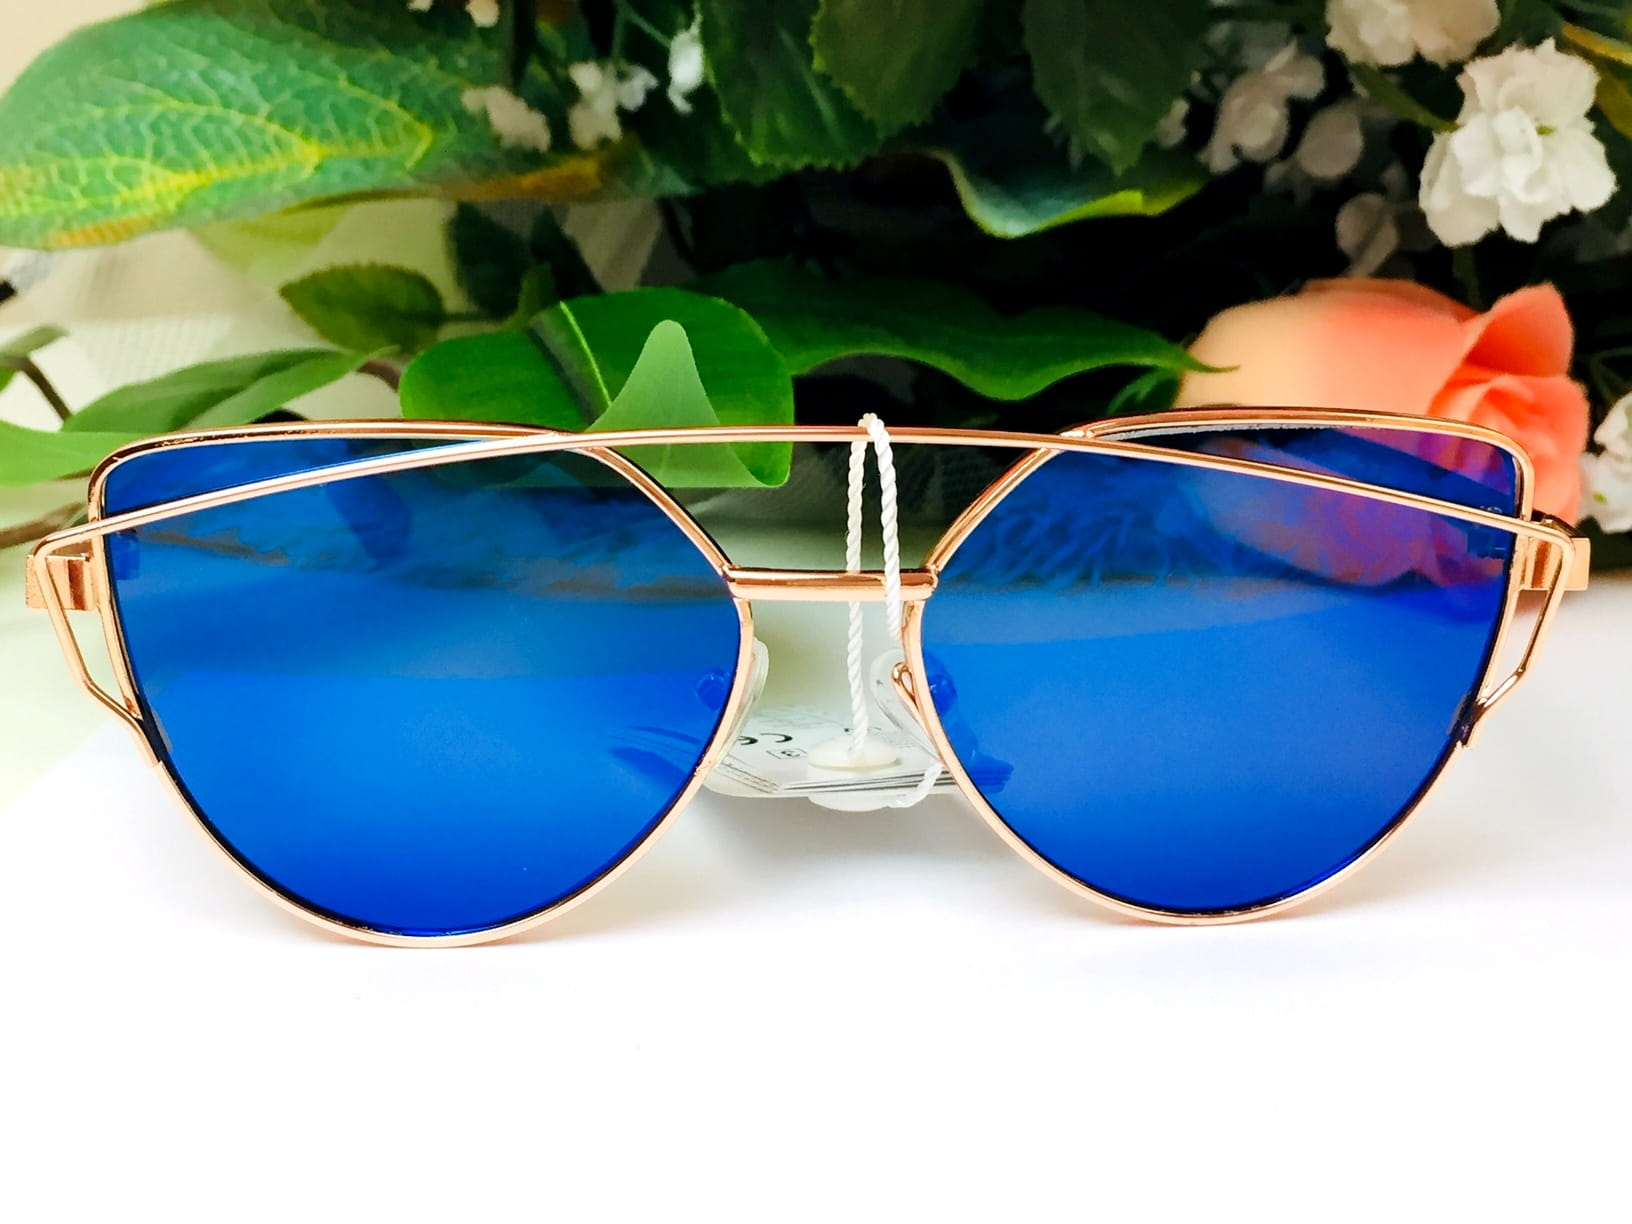 Okulary przeciwsłoneczne damskie kocie oczy lustrzanki niebieskie